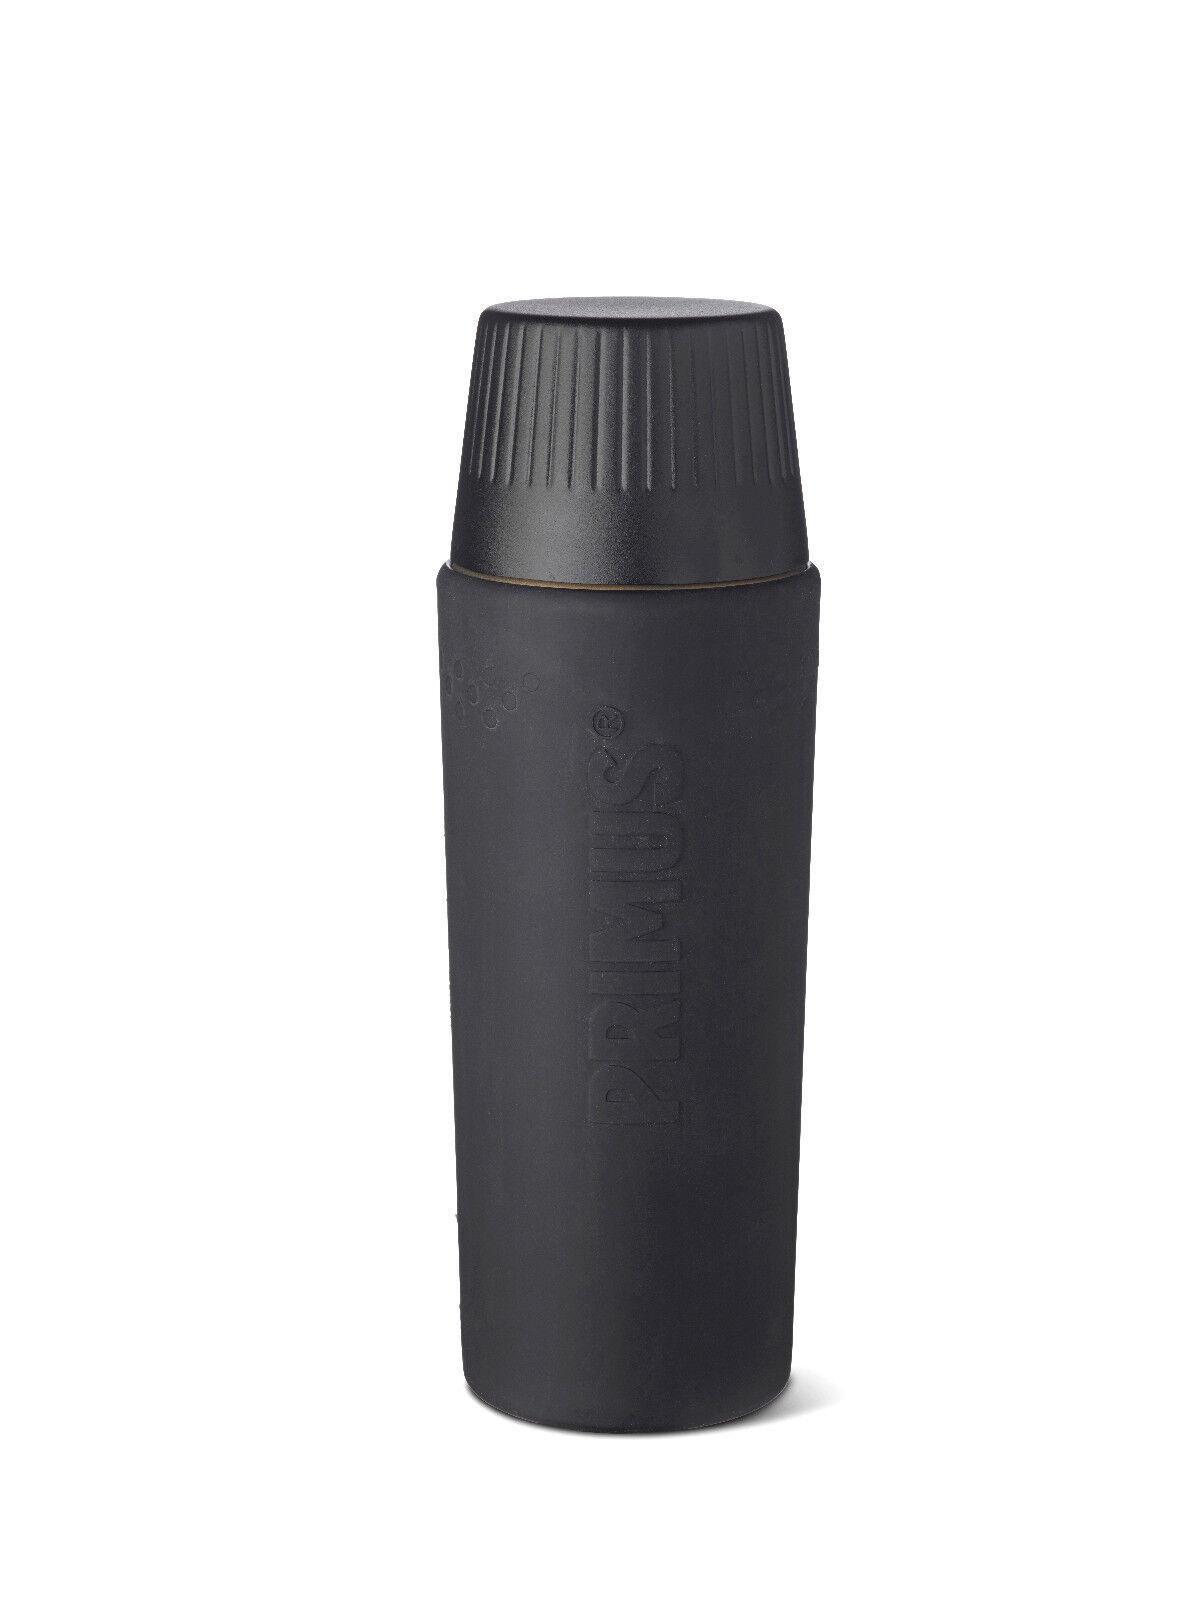 Primus Thermoflasche 'Trailbreak EX' - 0,75 L schwarz  | Trendy